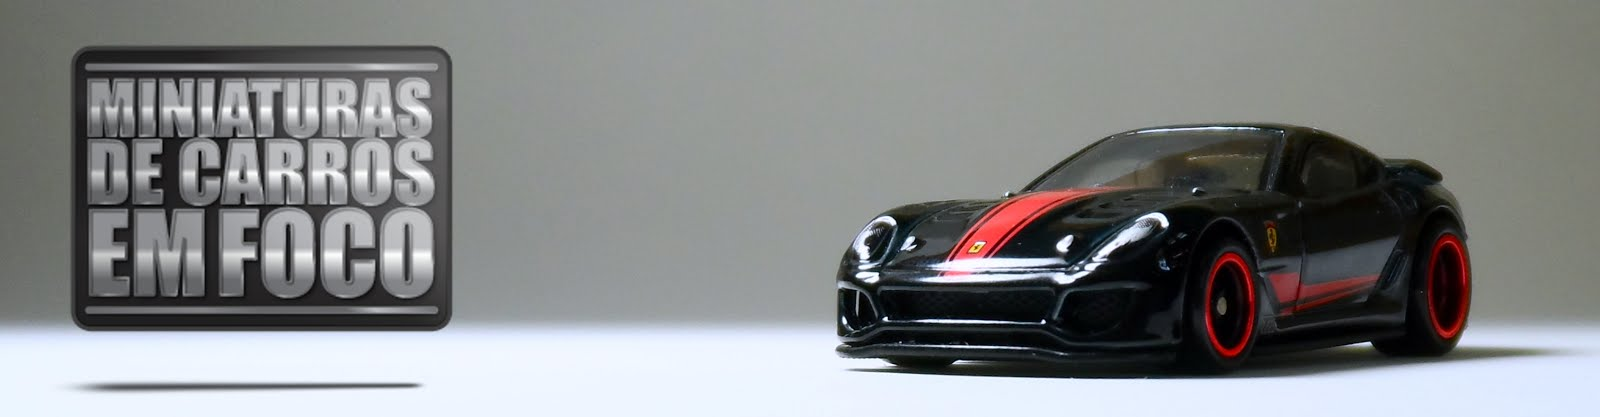 Miniaturas de Carros em Foco